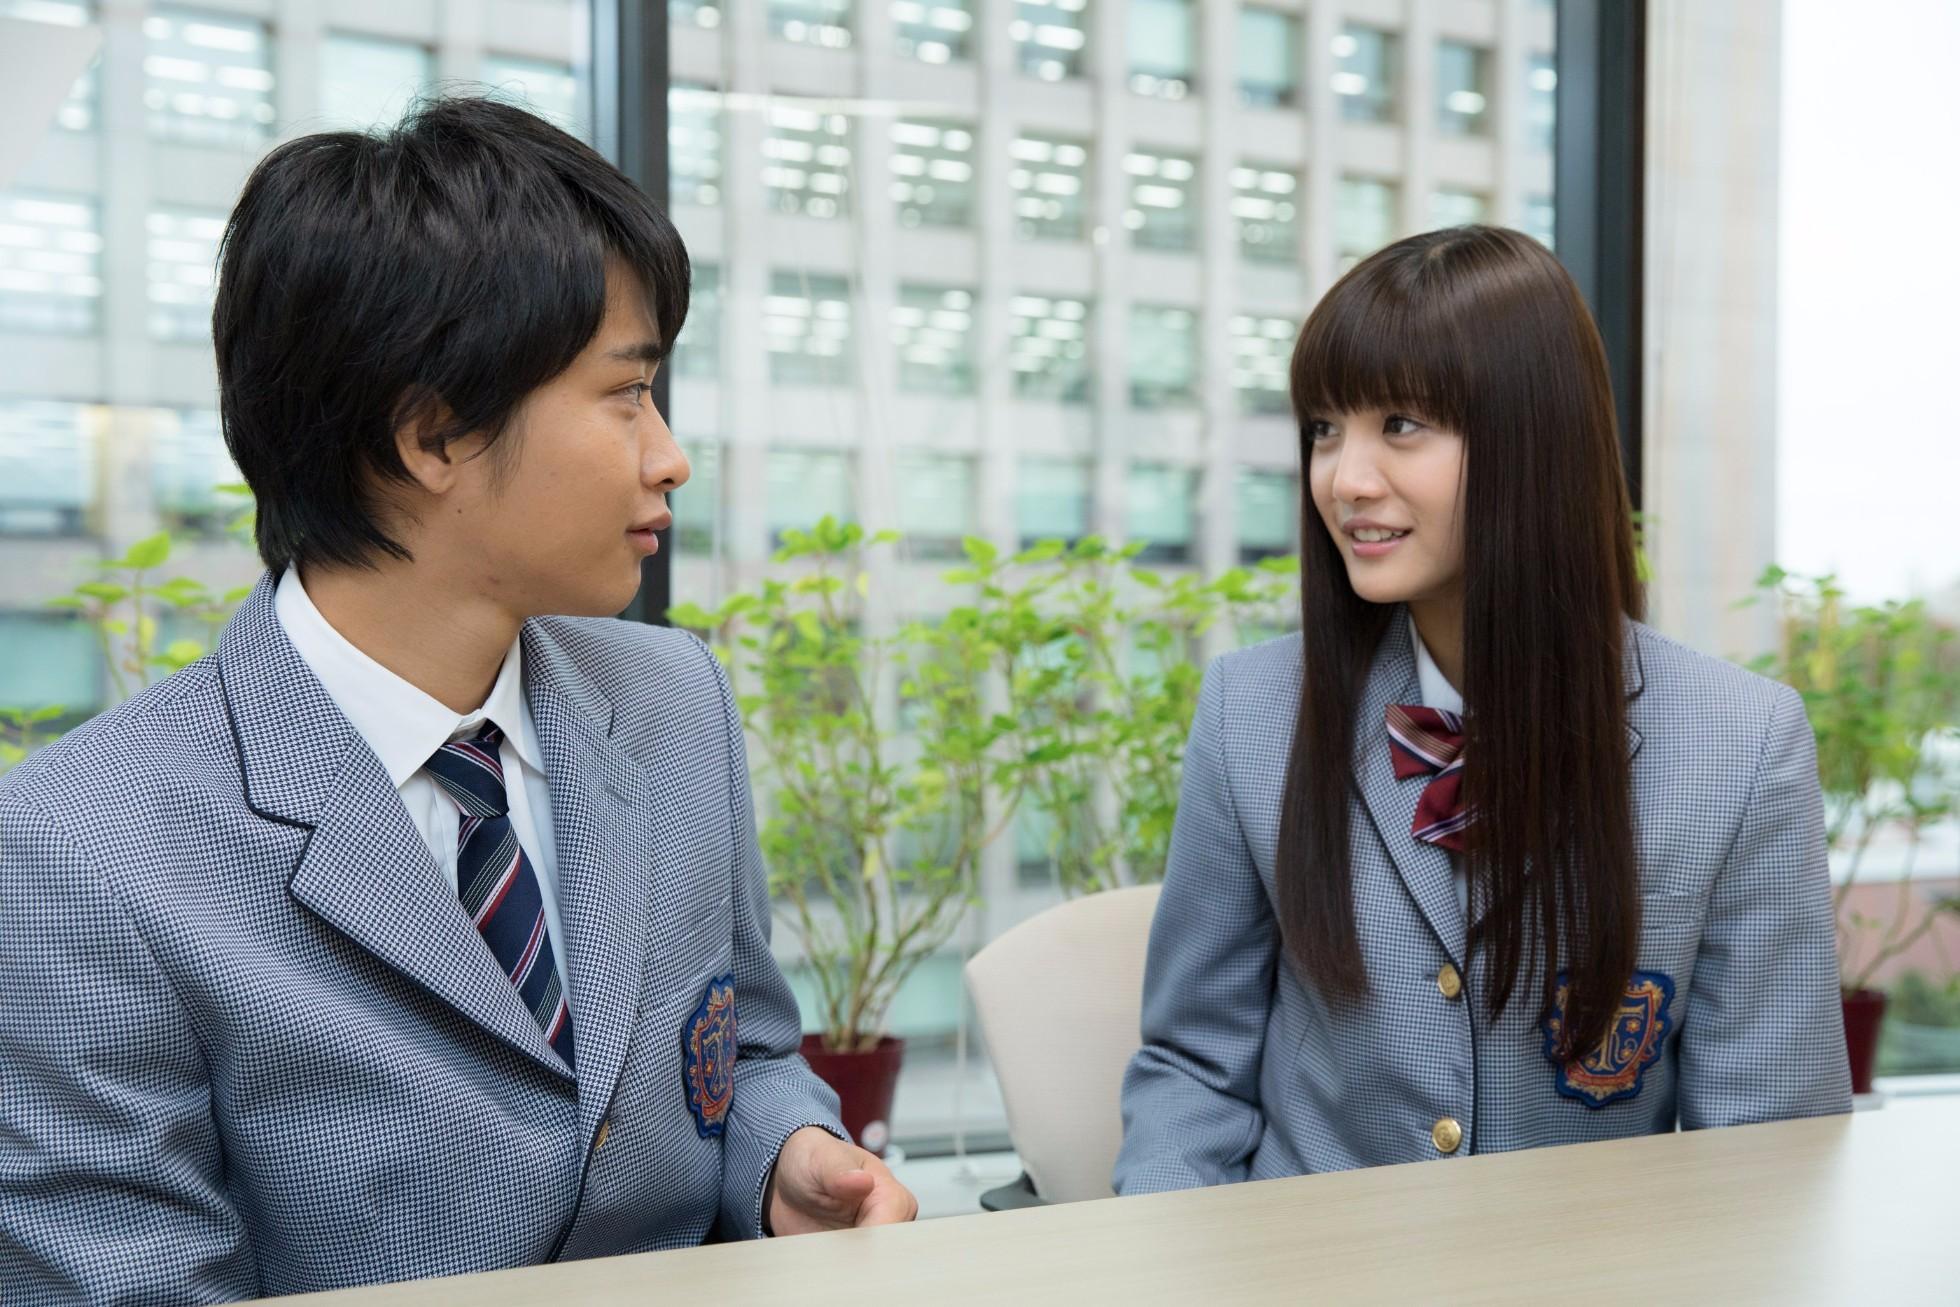 左から、佐藤寛太、美沙玲奈 撮影=岩間辰徳